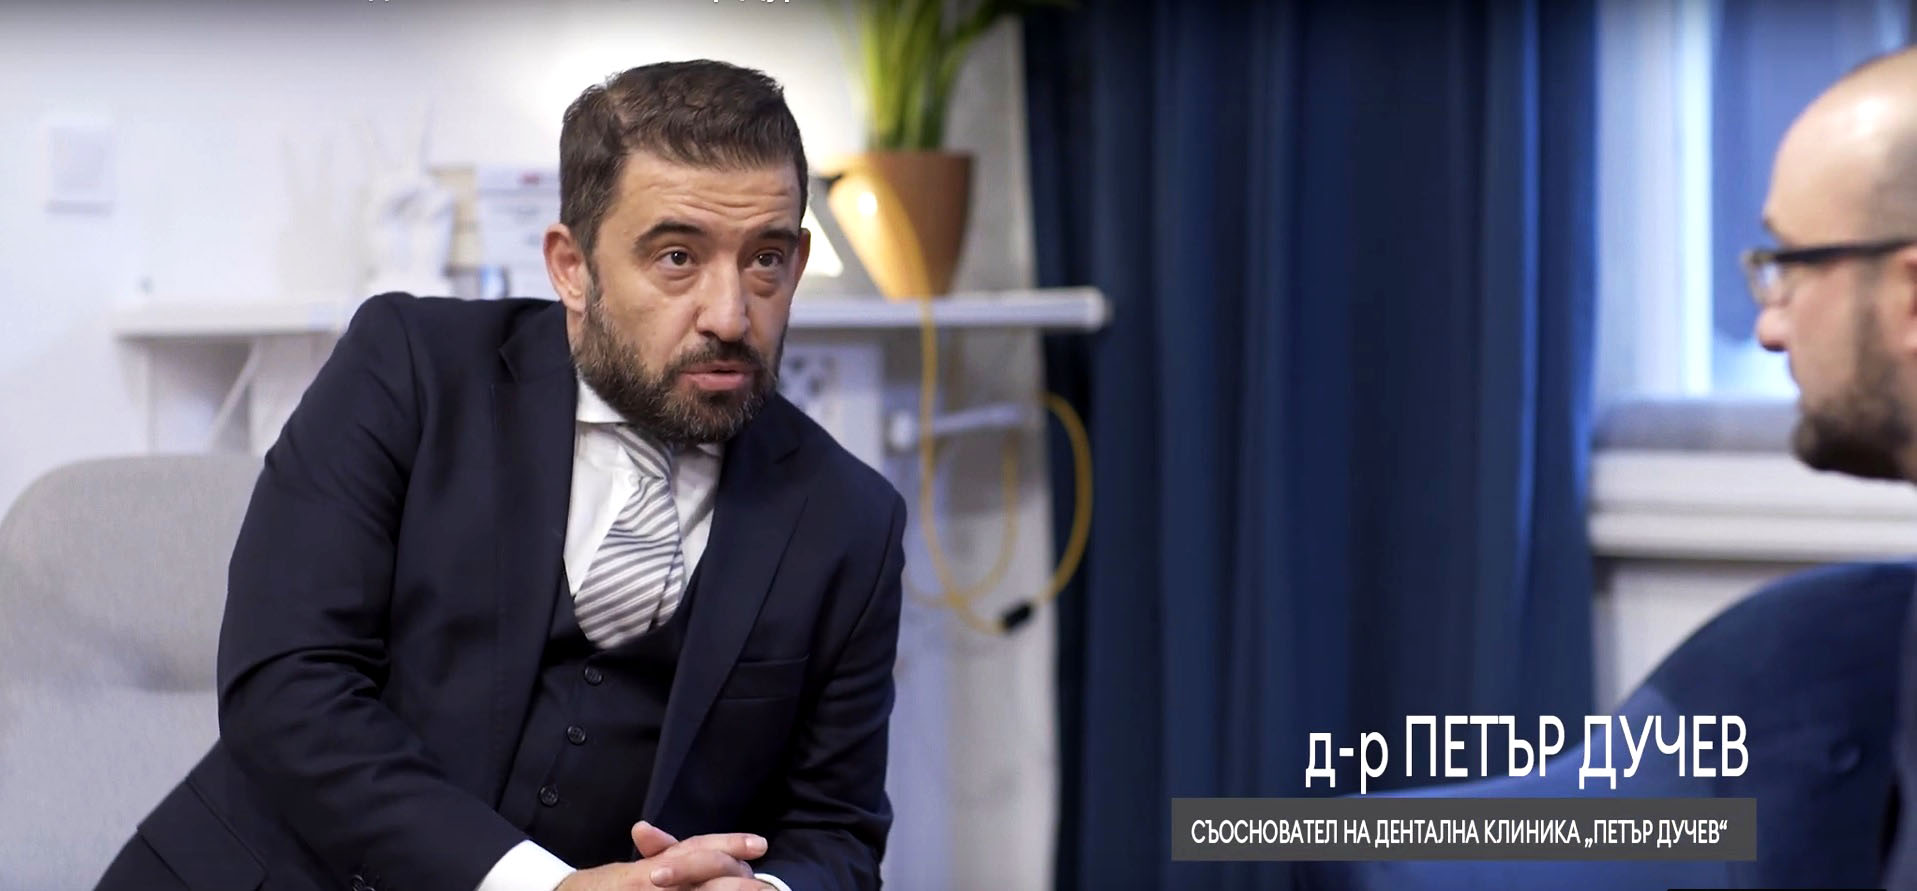 """Успешният бизнес модел на клиника """"Петър Дучев"""""""